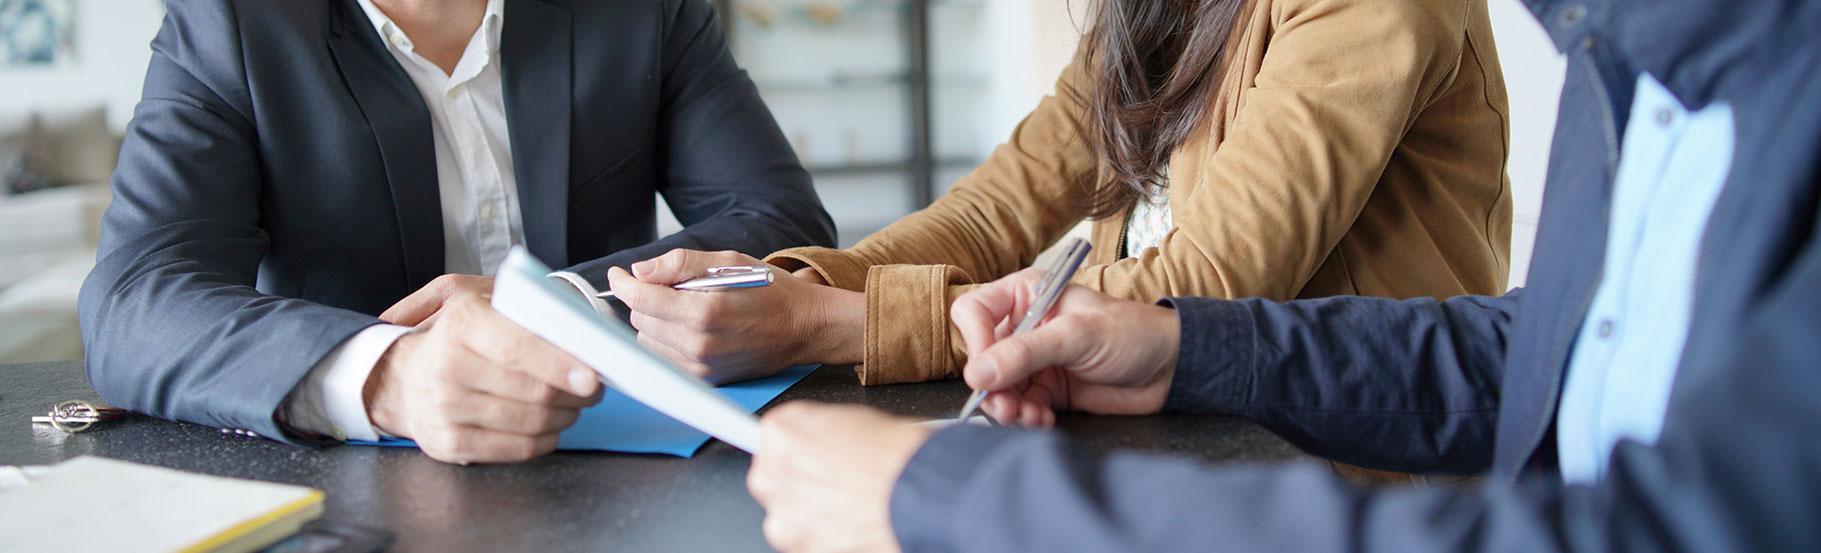 sastanak gde se vide samo ruke na stolu